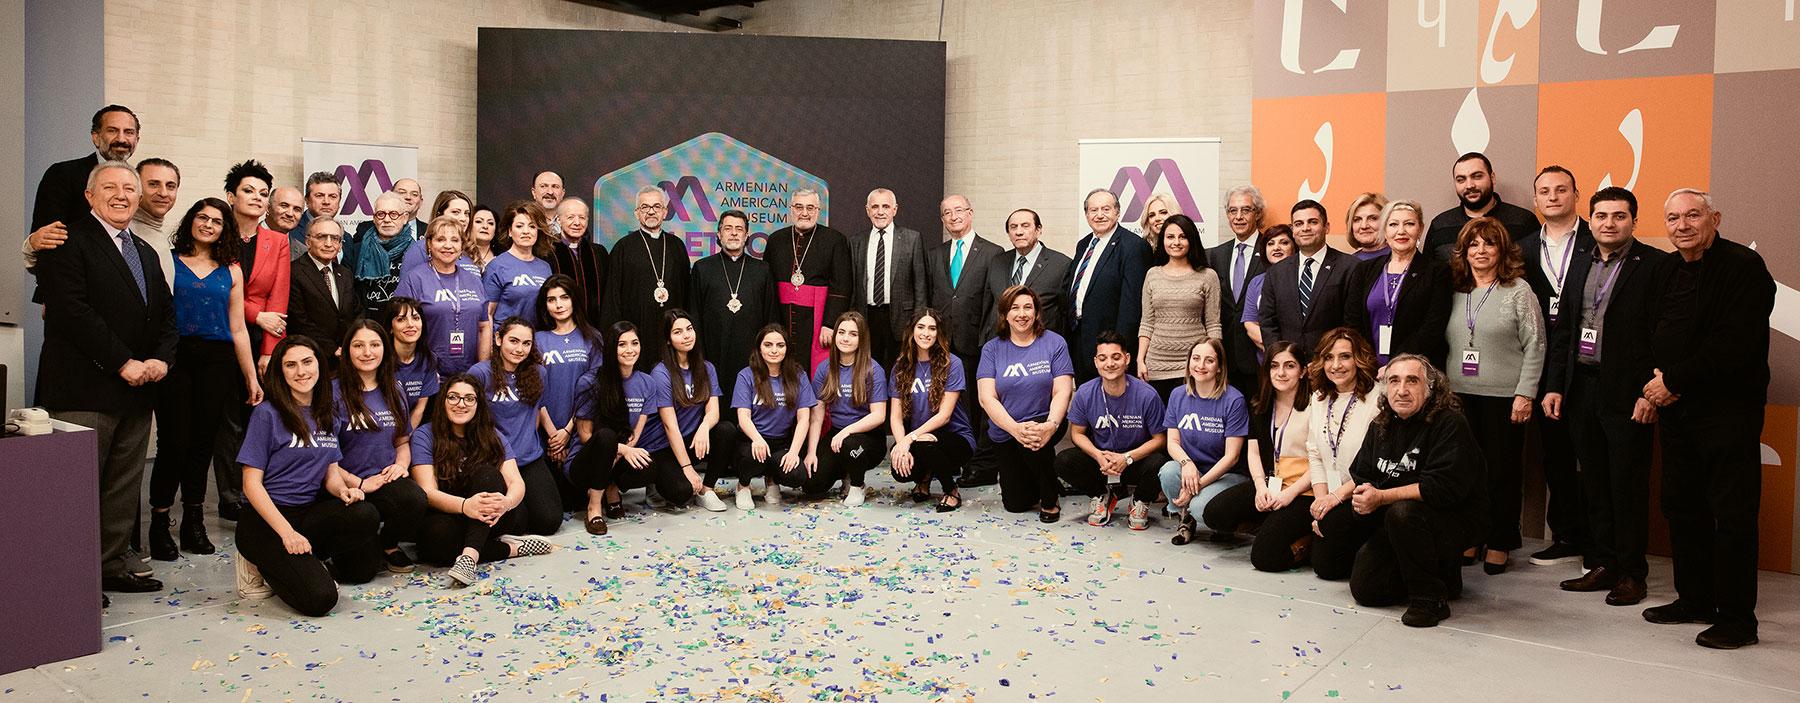 Armenian American Museum Leadership with Telethon Committee Members, Volunteers & Crew